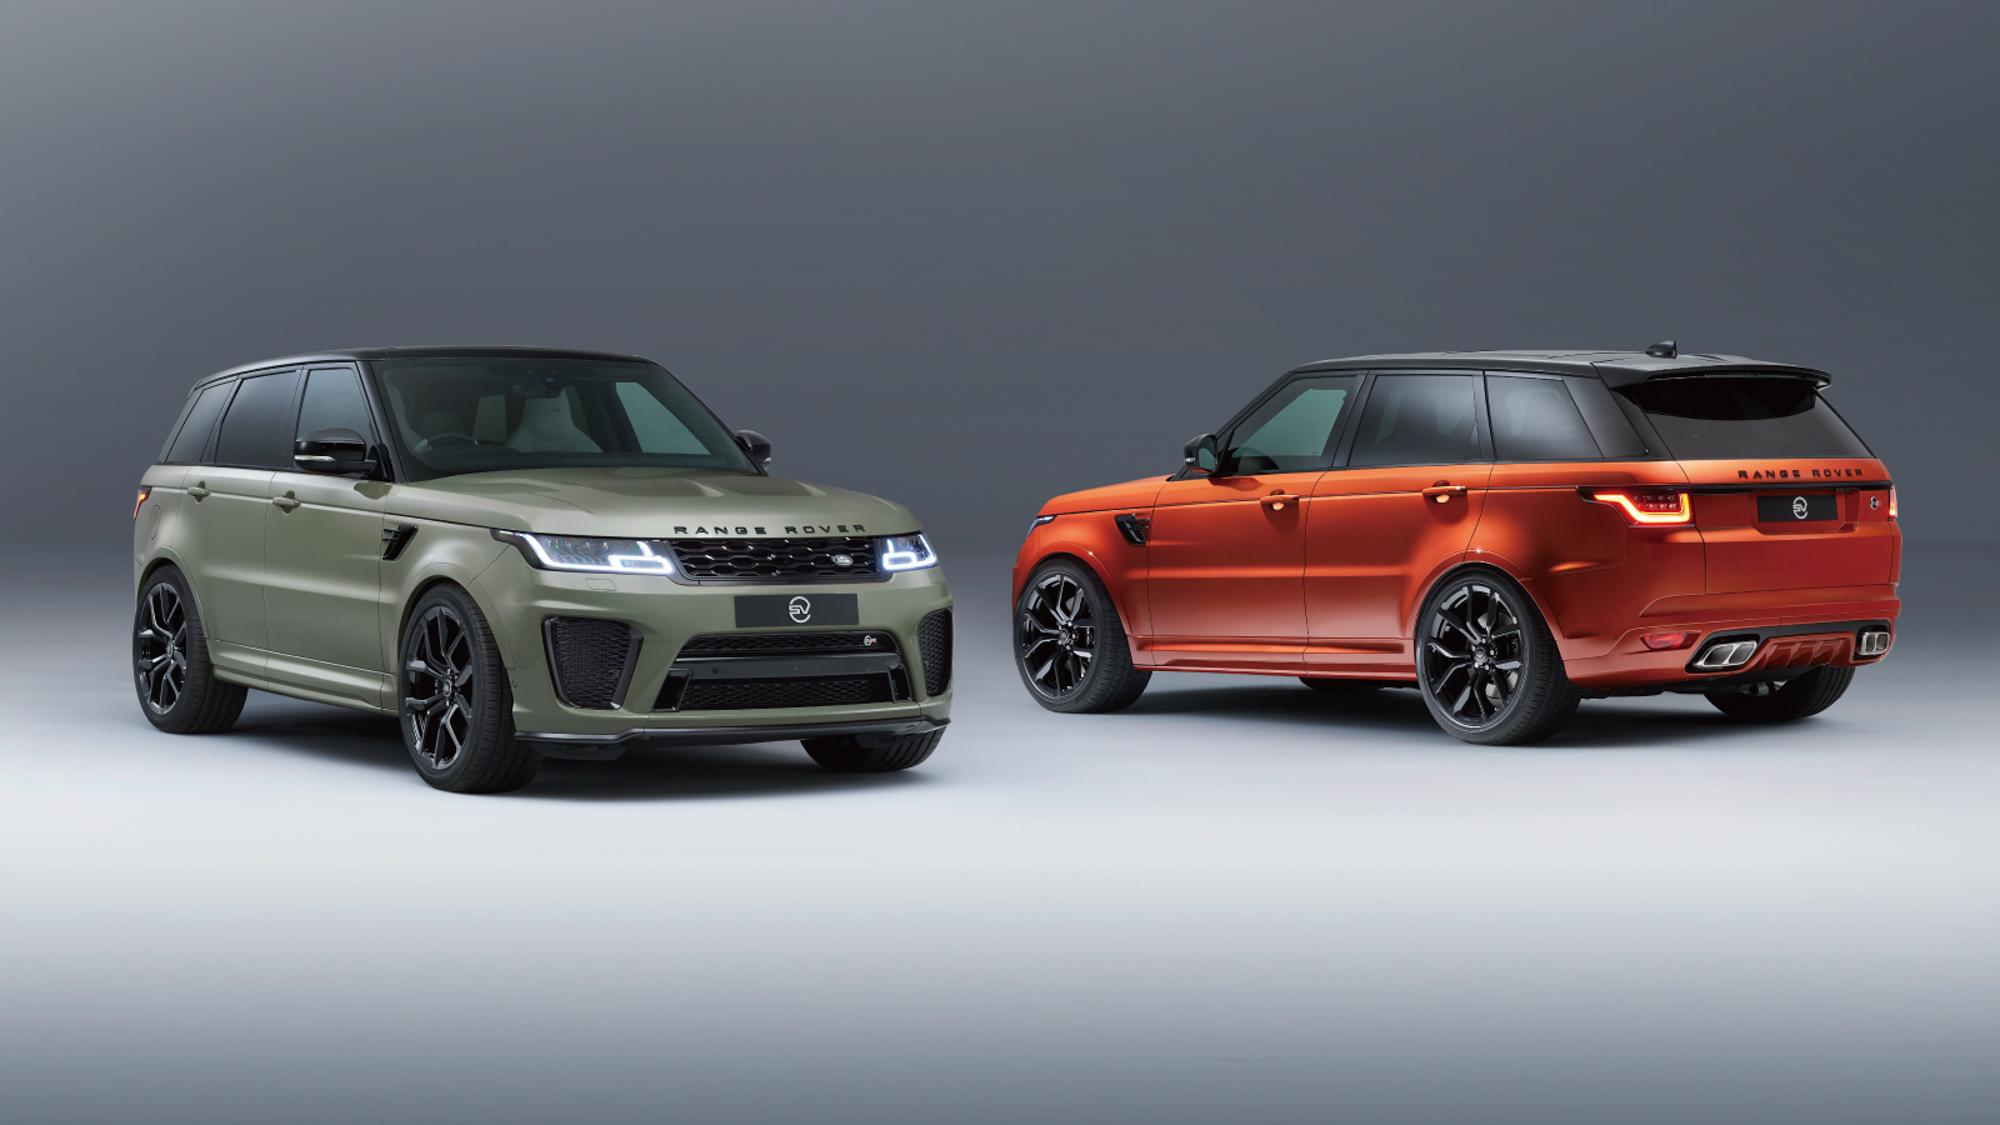 Range Rover Sport SVR 推出 SV Bespoke 專屬車色,車色選配價 54 萬元